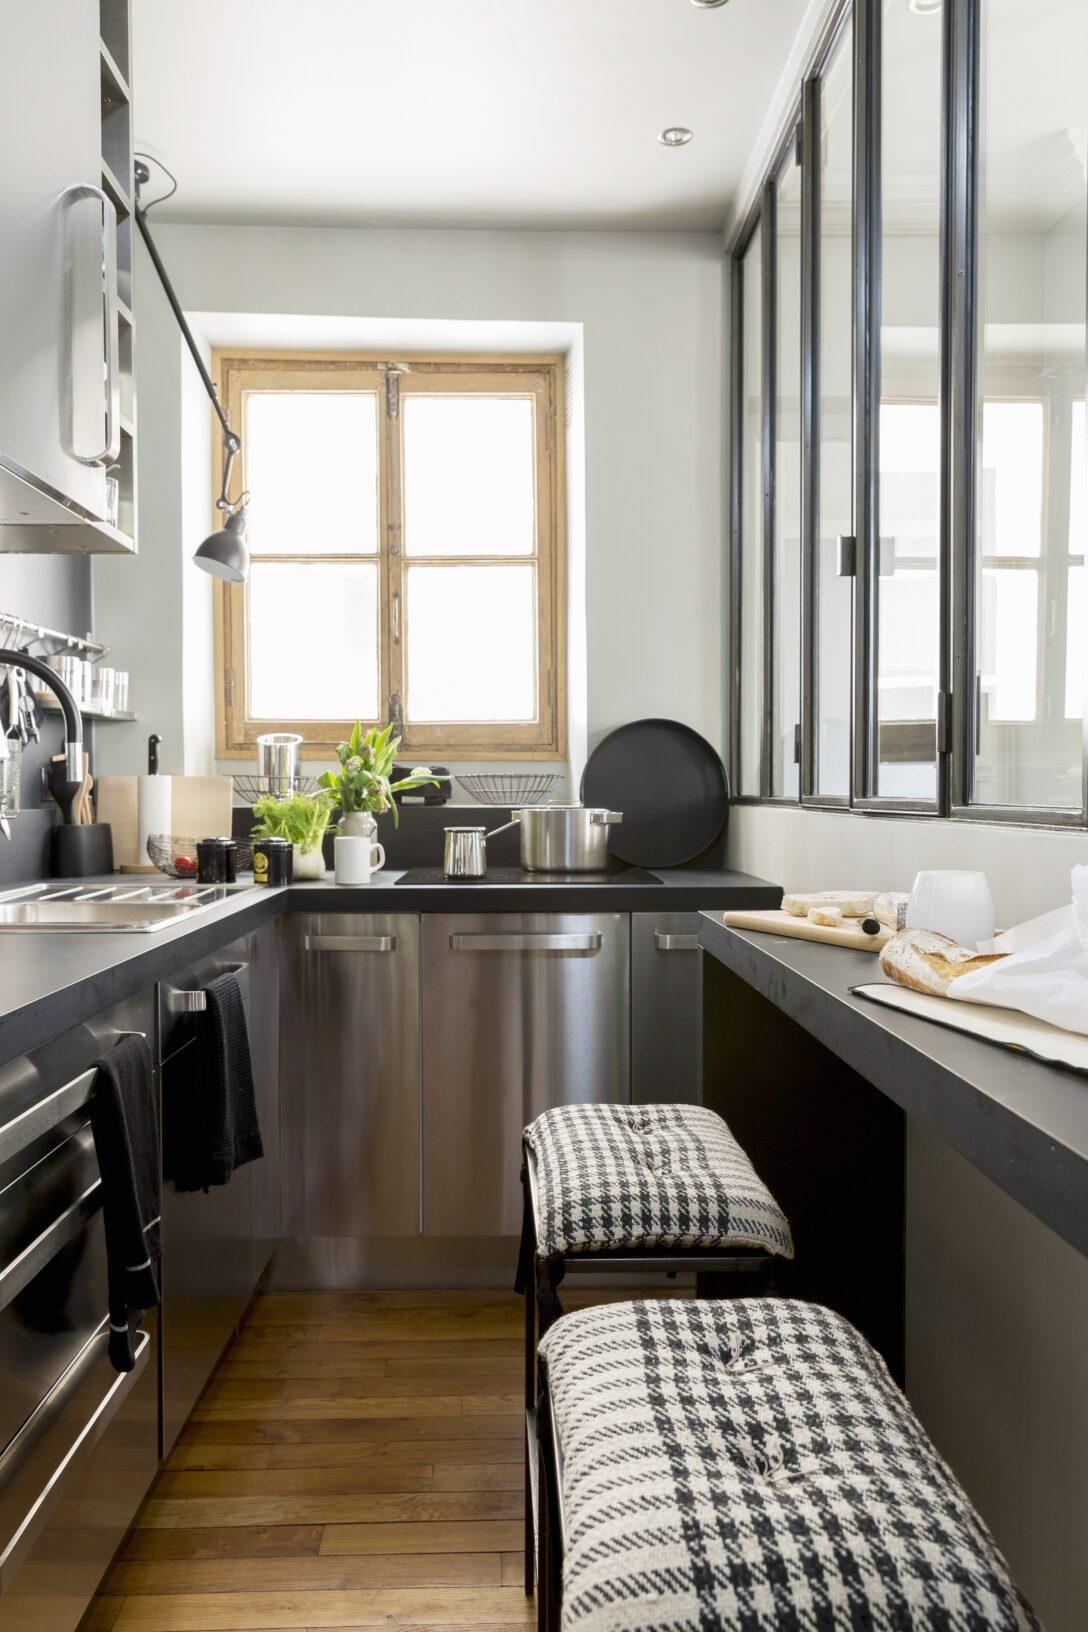 Large Size of Kleine Kche Einrichten Ideen Fr Mehr Platz Das Haus Küchen Regal Sofa Alternatives Wohnzimmer Alternative Küchen